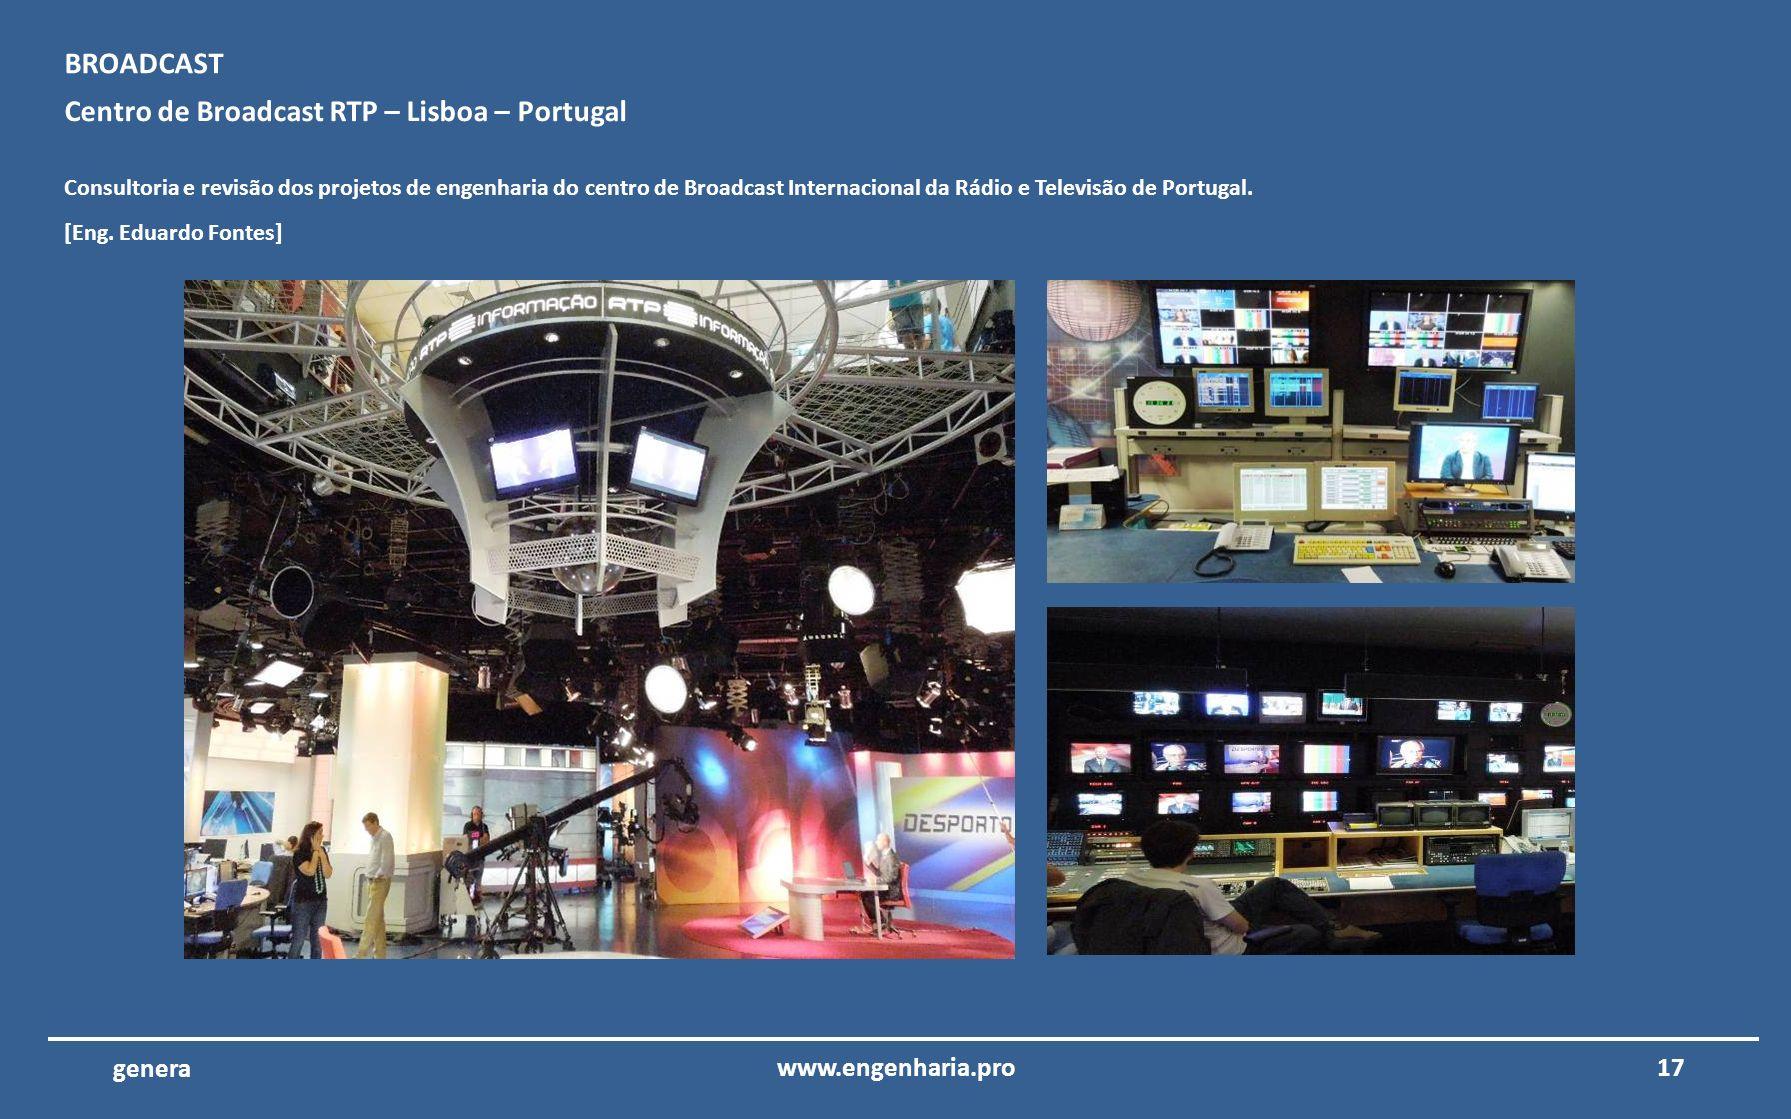 Centro de Broadcast RTP – Lisboa – Portugal